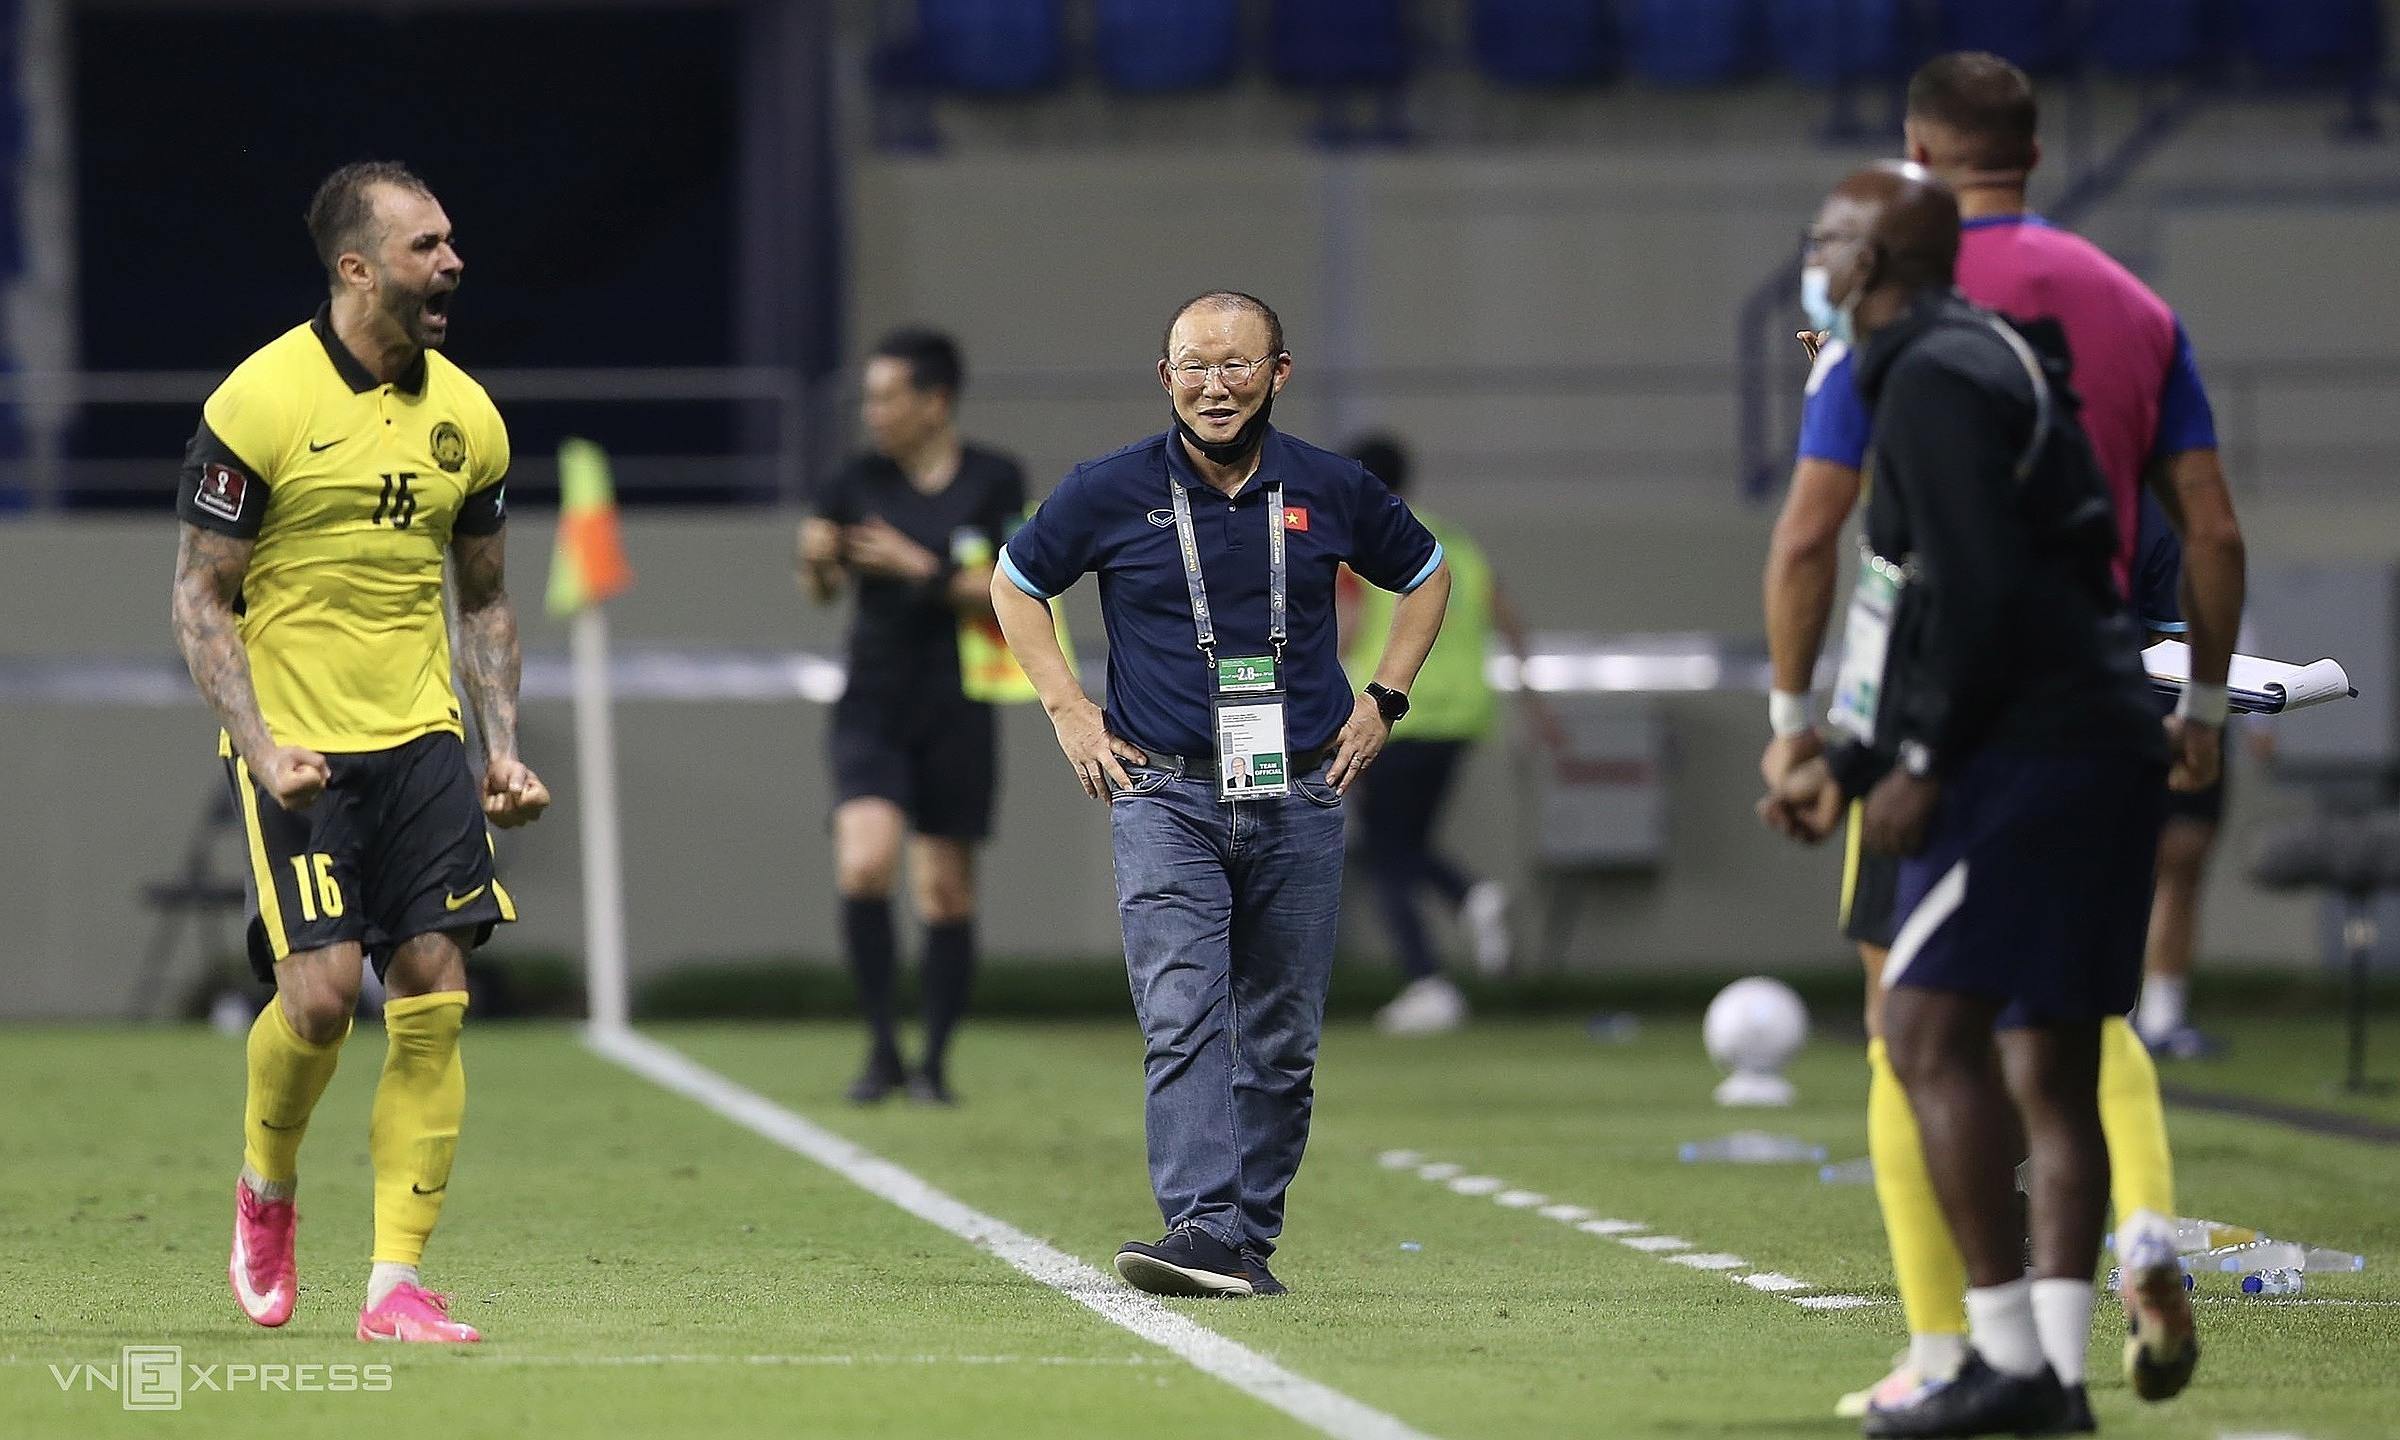 Pelatih Park Hang-seo tenang setelah De Paula menyamakan kedudukan untuk Malaysia.  Foto: Lam Thoa